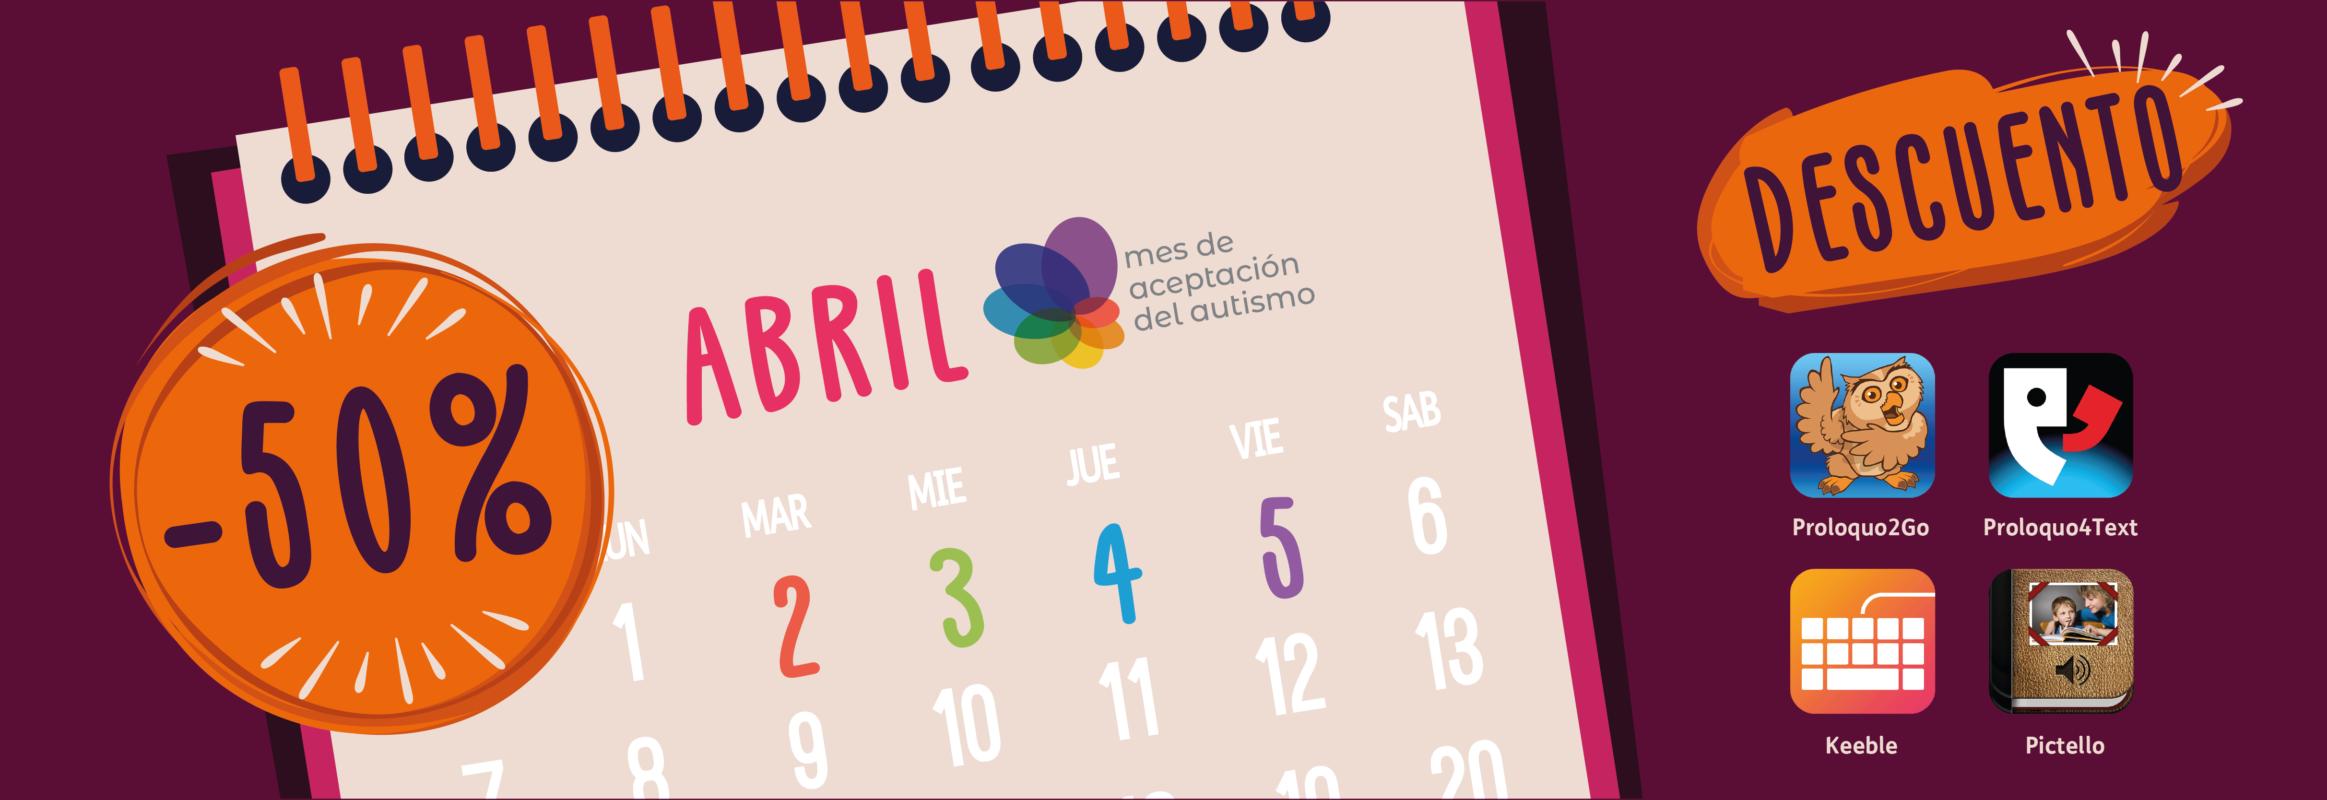 Imagen resaltada del calendario 2 3 4 y 5 de abril. Los iconos de Proloquo2Go, Proloquo4Text, Keeble y Pictello se muestran debajo de un cartel que muestra un 50% de descuento